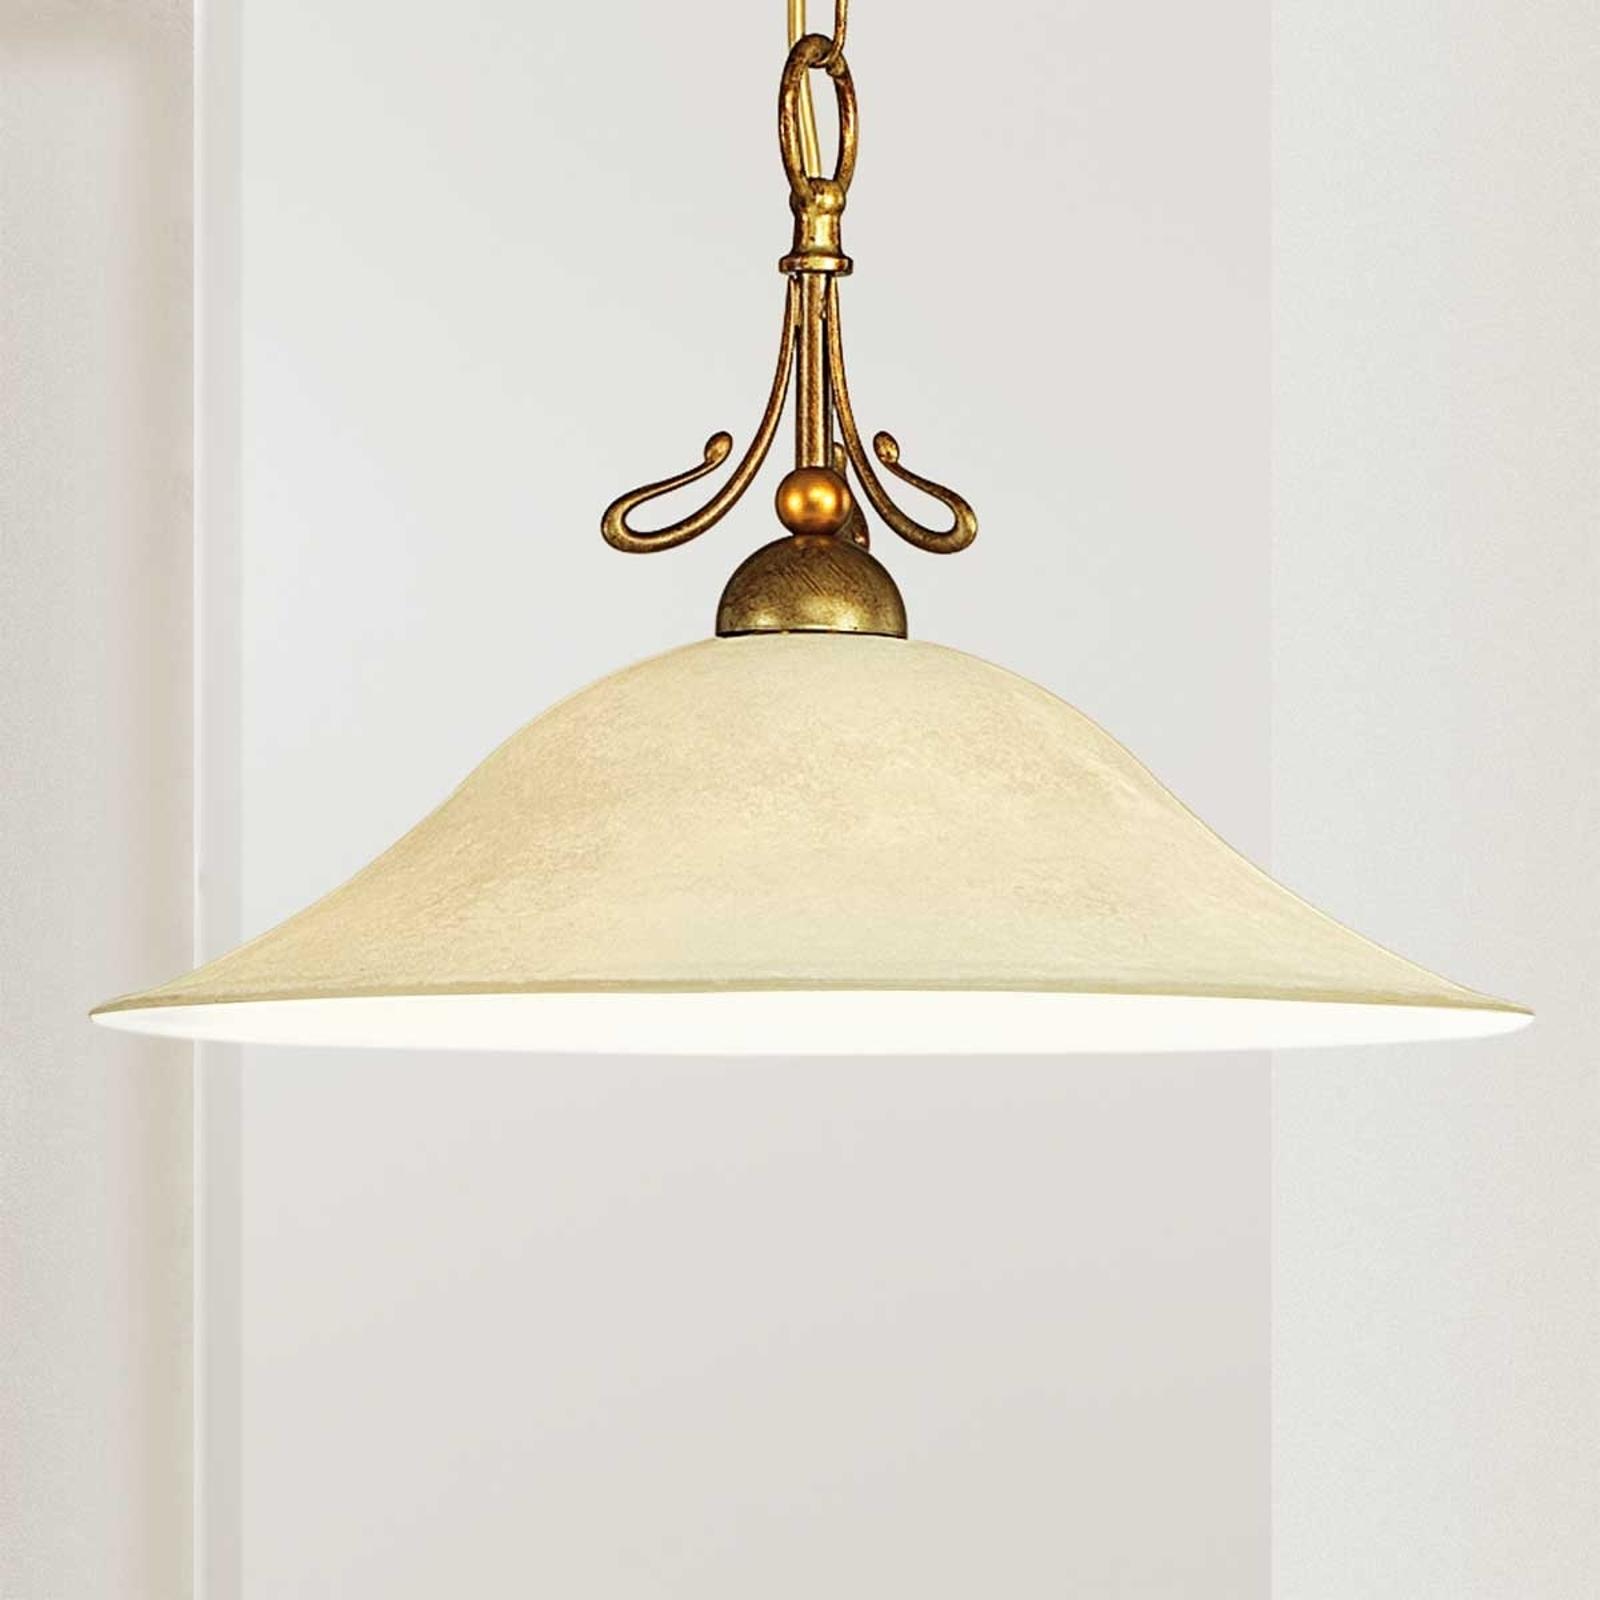 Lampa wisząca Antonio antyczny mosiądz